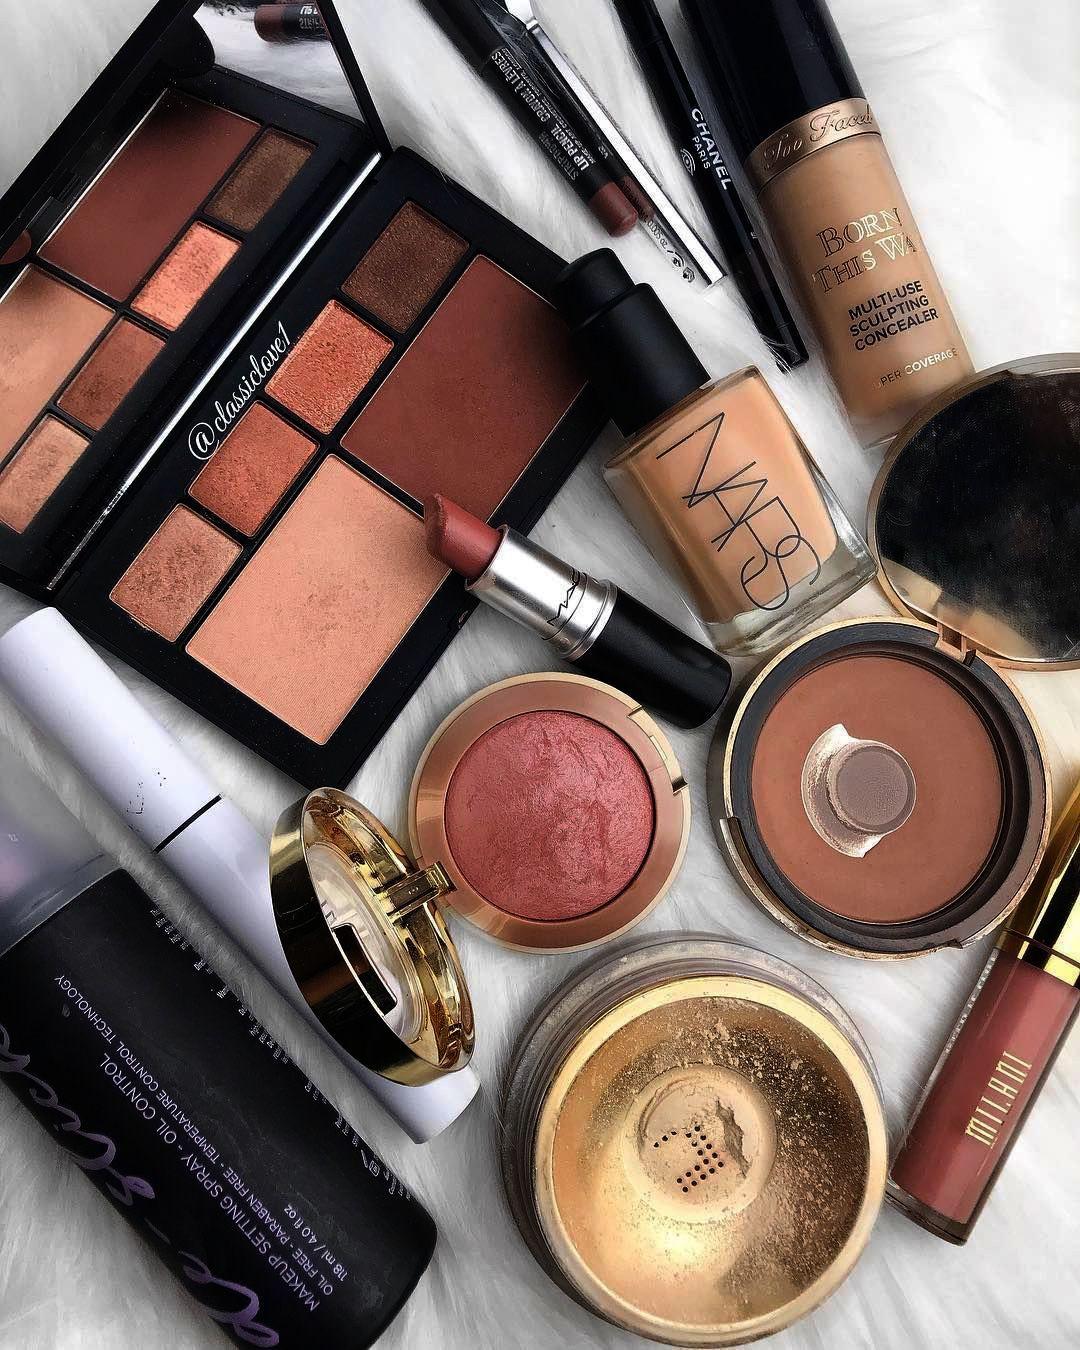 Makeup Brushes Jumia so Makeup Organizer Bins, Makeup